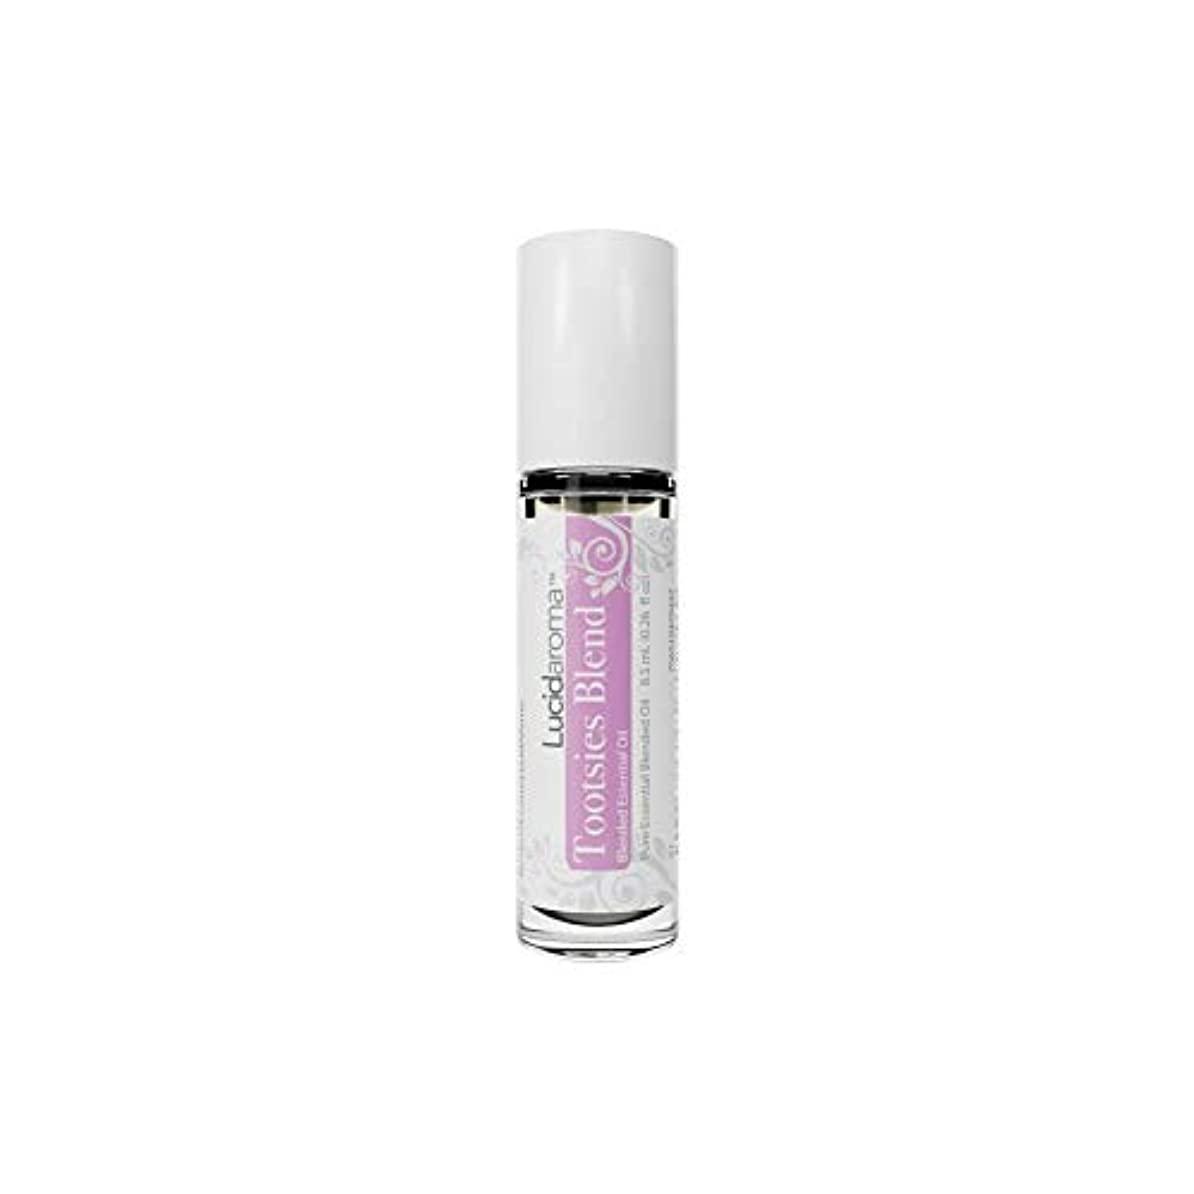 ストロー虫を数える神話Lucid Aroma Tootsies Blend トッツィーブレンド ロールオン アロマオイル 8.5mL (塗るアロマ) 100%天然 携帯便利 ピュア エッセンシャル アメリカ製